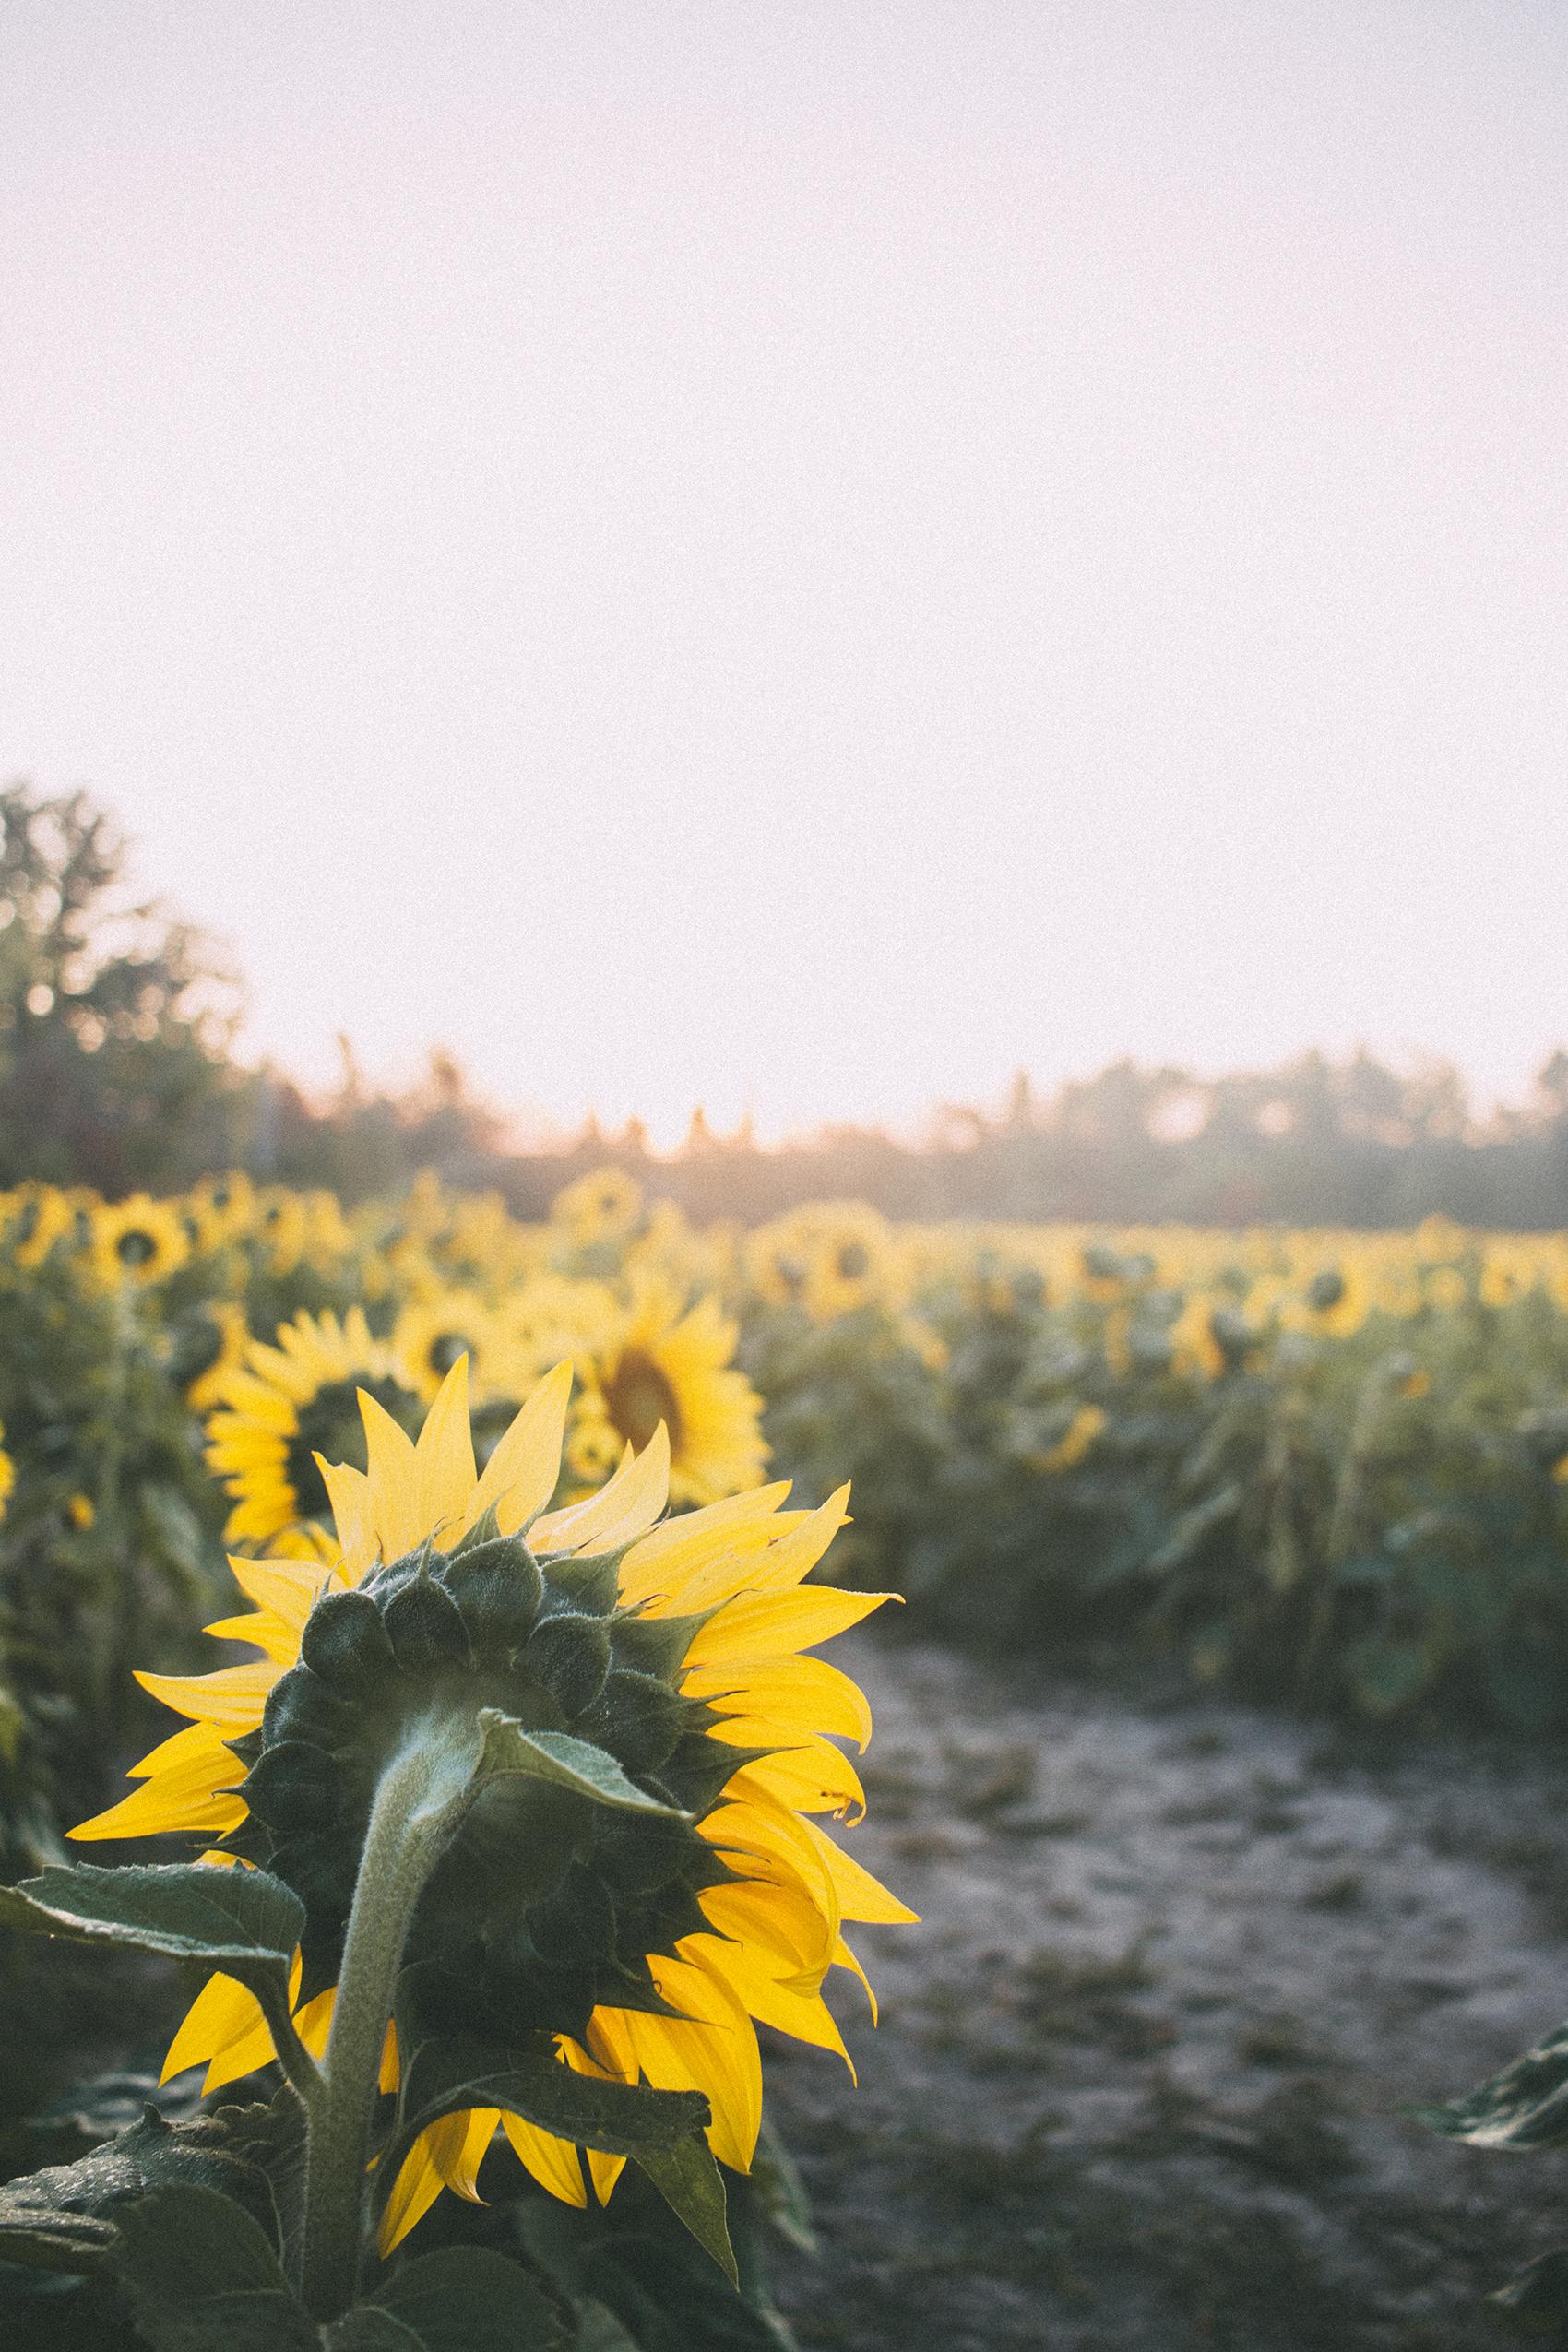 AvonOHSunflowers_09232017_102.jpg